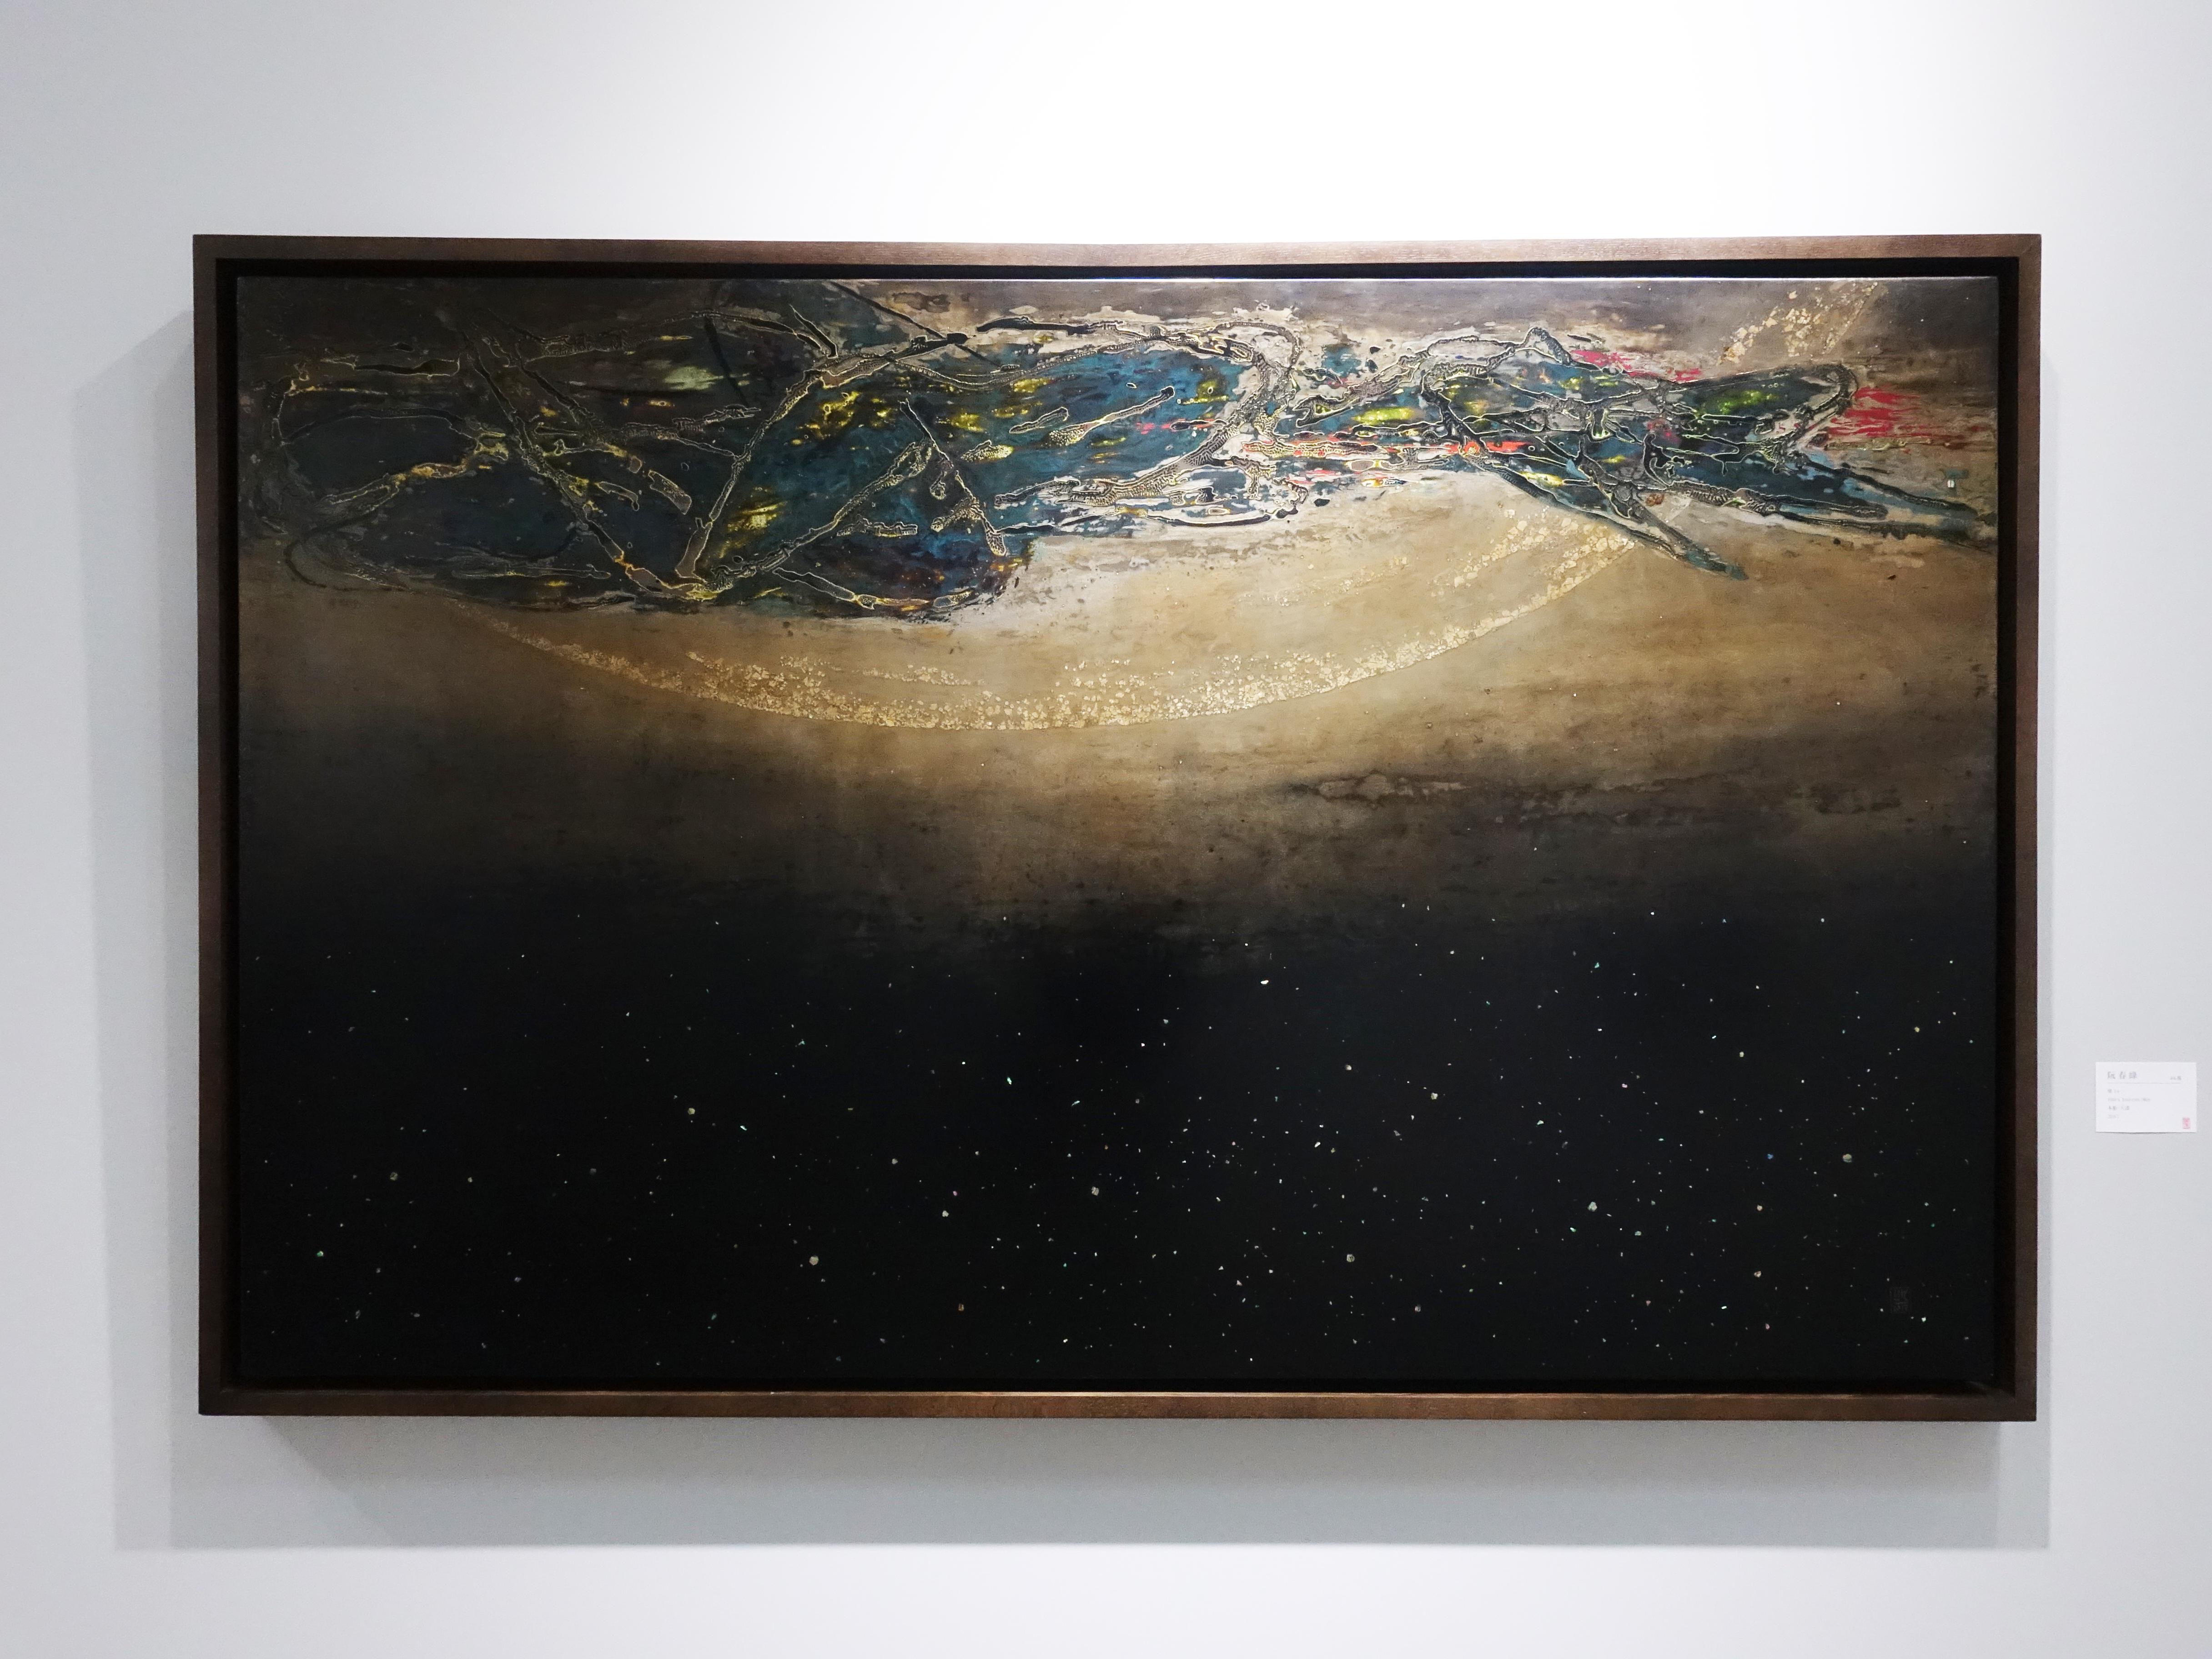 阮春綠,《塵14》,100 x 160 cm,漆畫,2017。